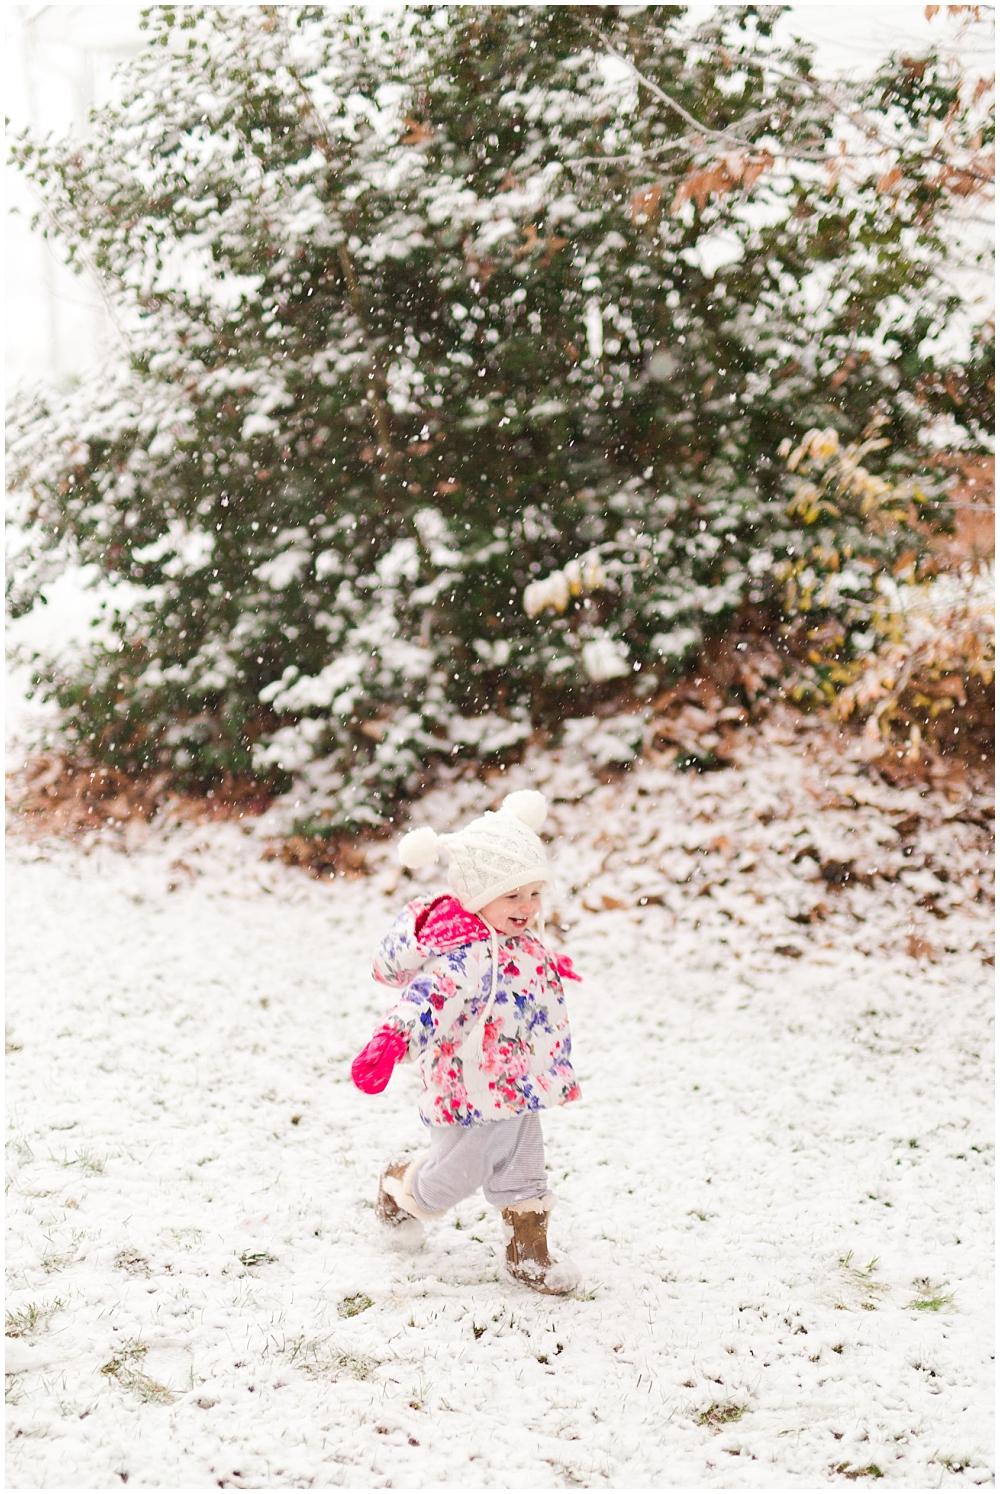 Snow_0011.jpg